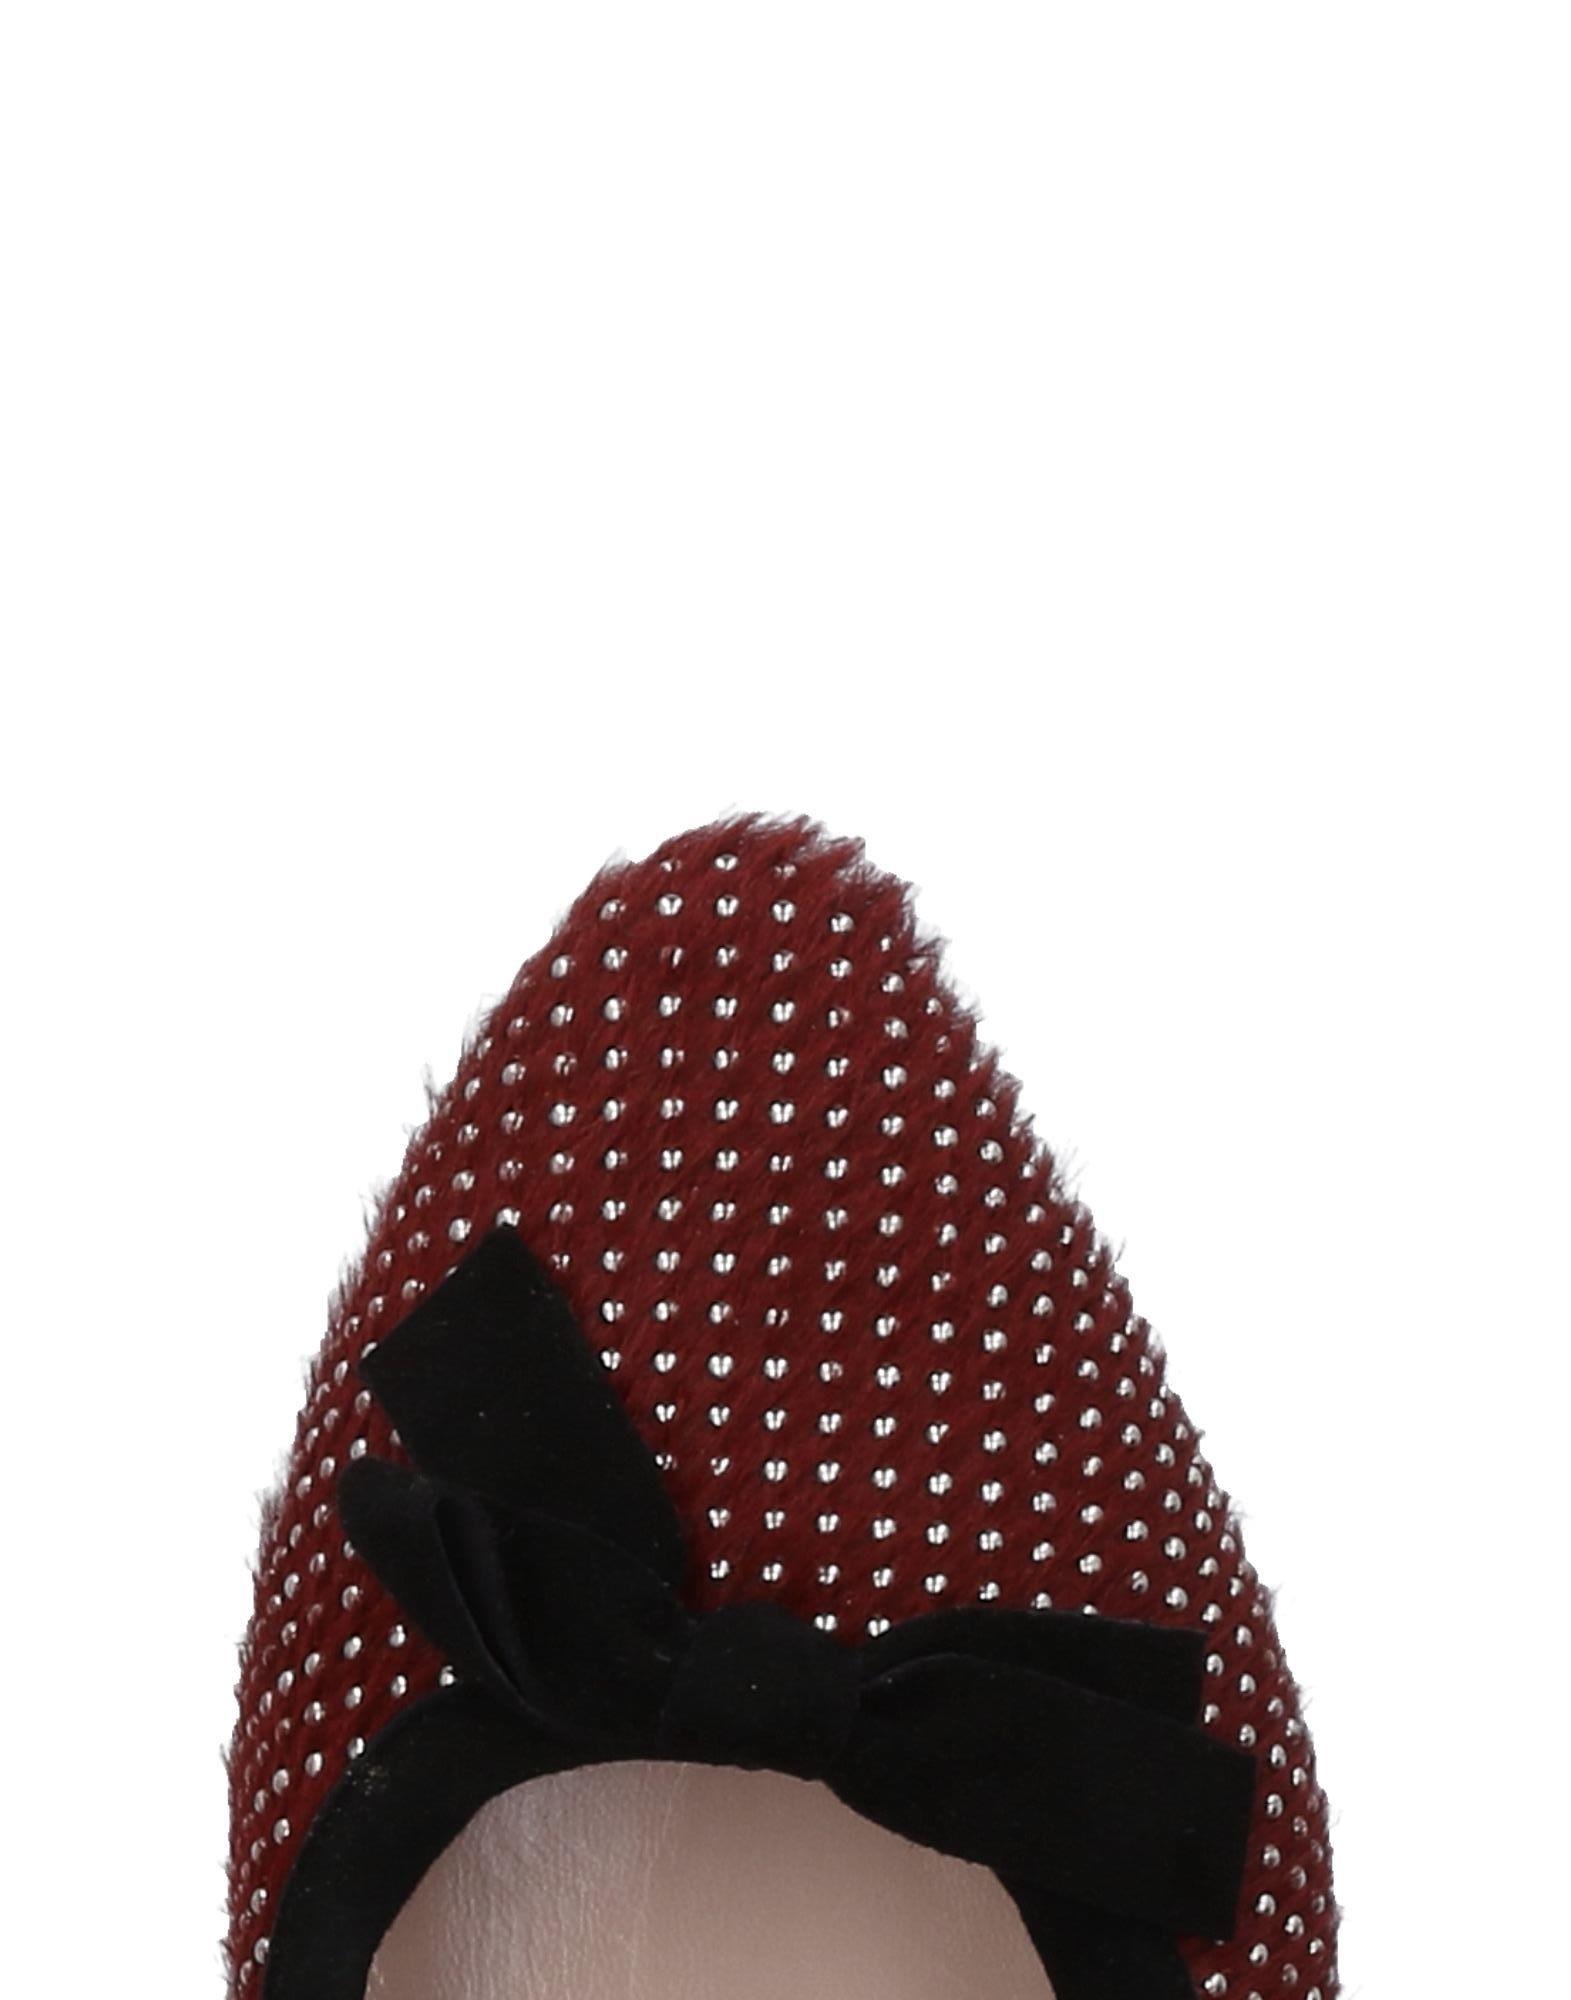 Moda Ballerine Cavallini Donna - 11488278UN